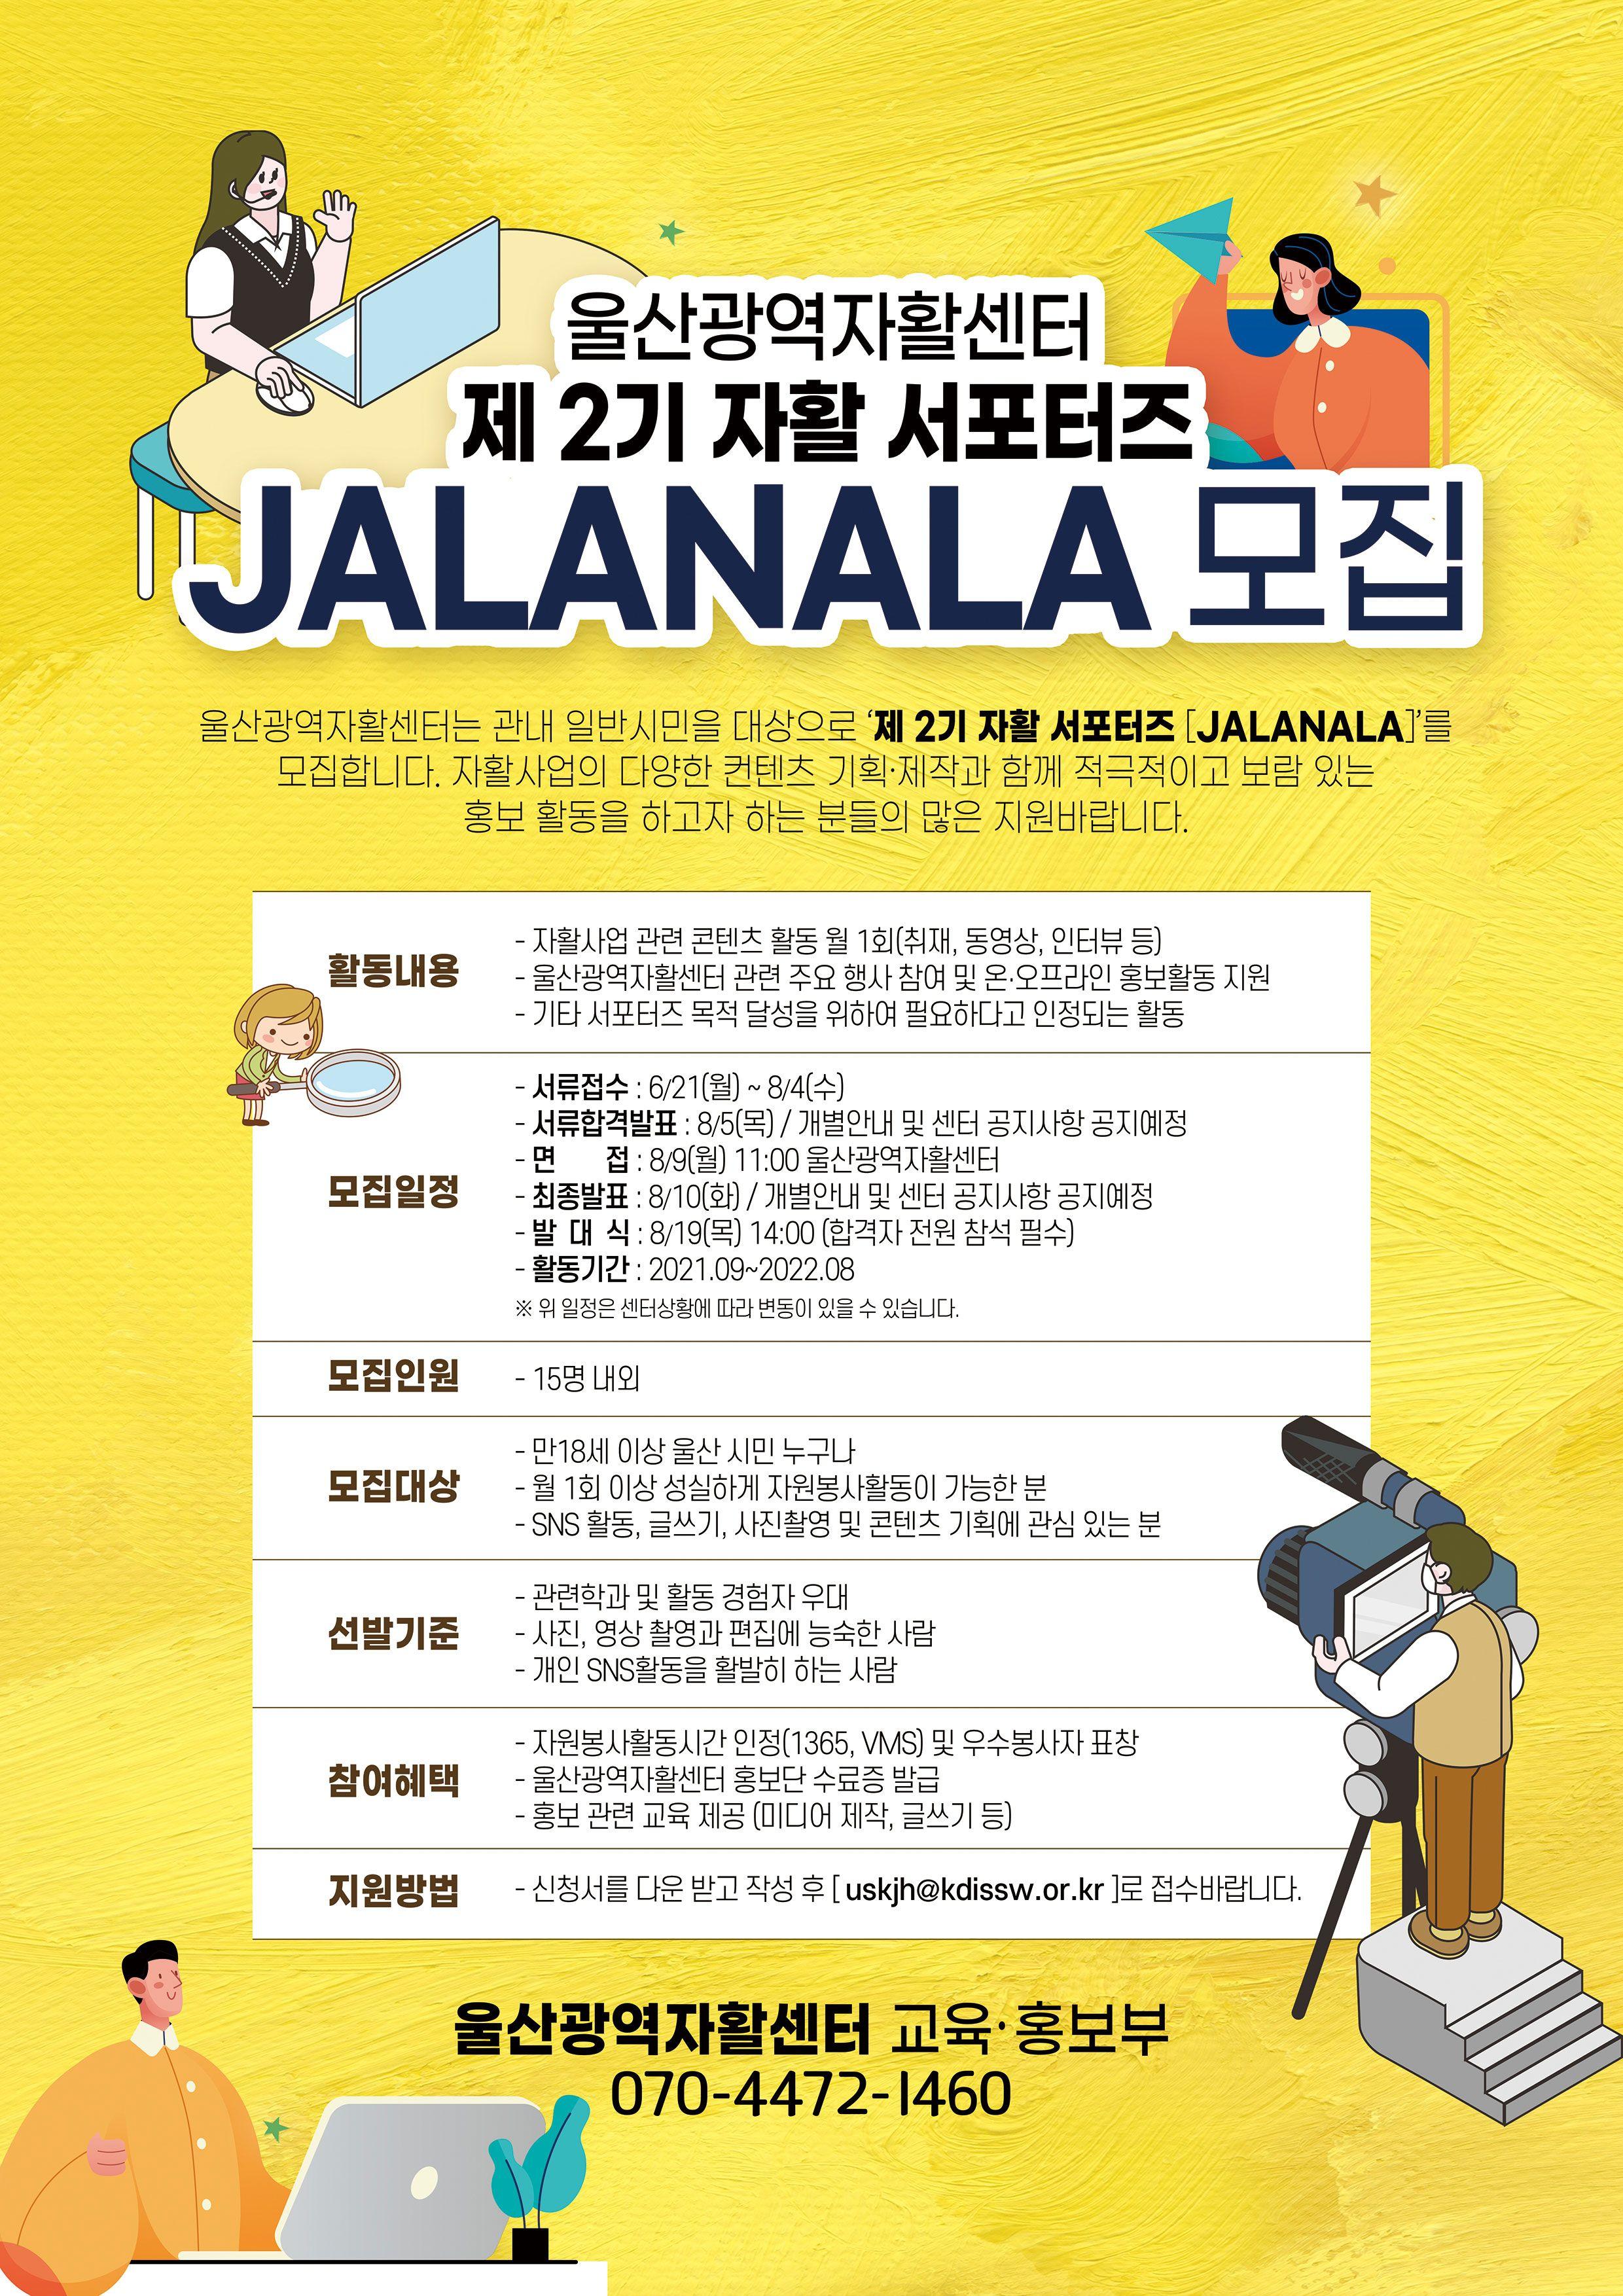 """울산광역자활센터_제2기 자활 서포터즈단 """"JALANALA"""" 모집"""